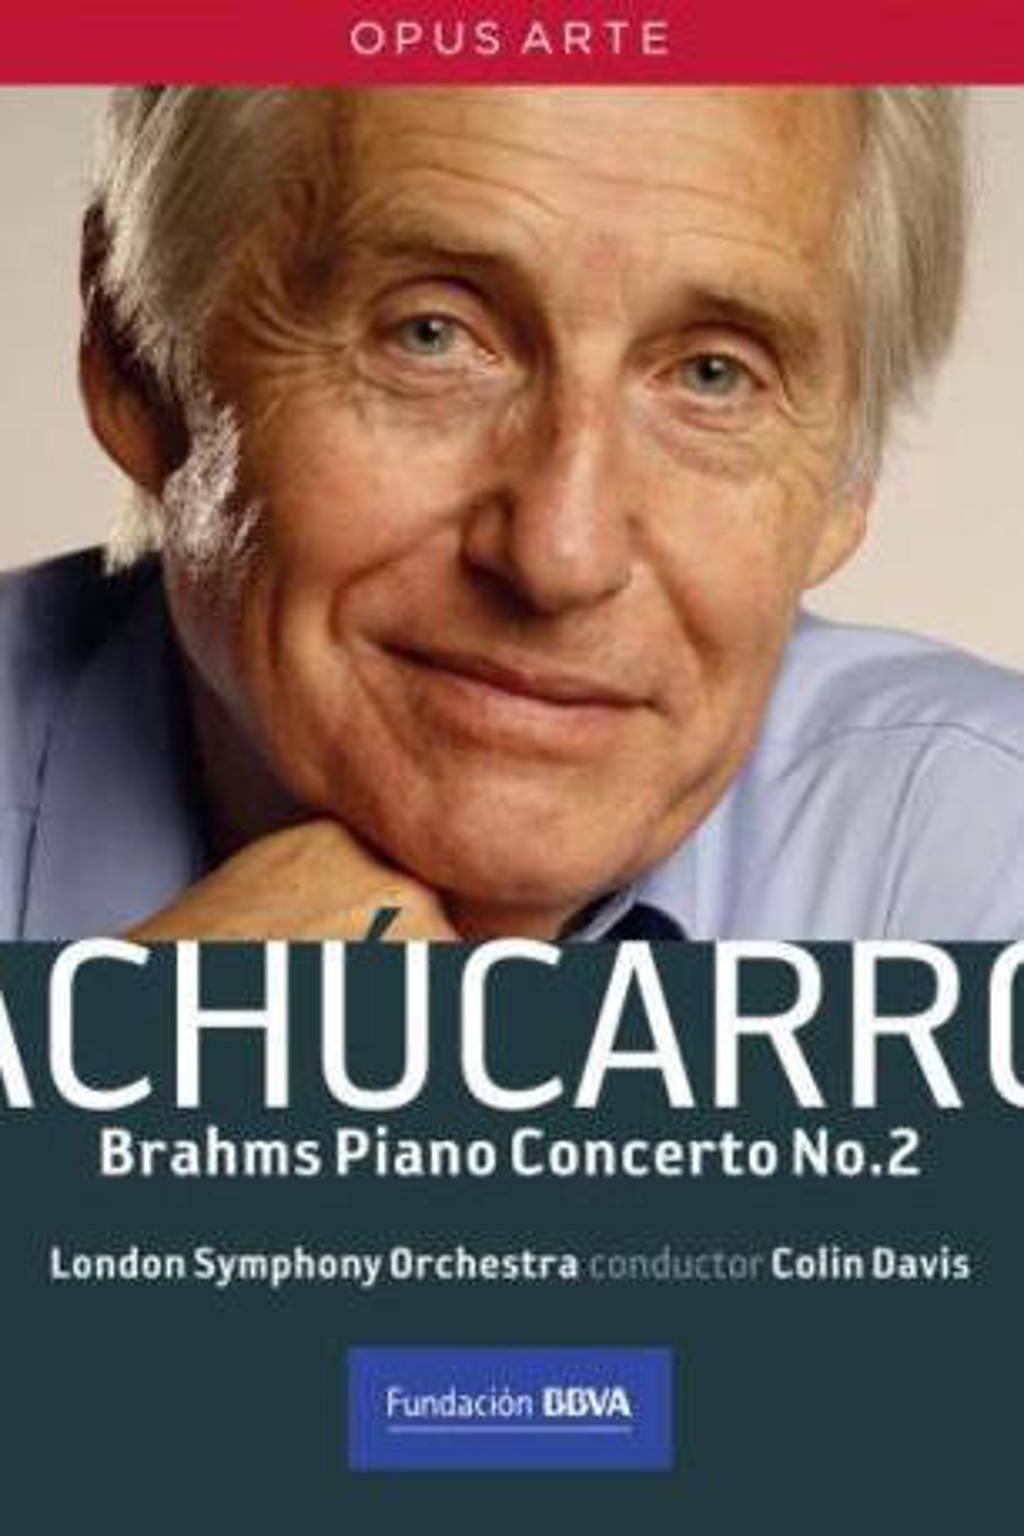 Achucarro/London Symphony Orchestra - Piano Concerto 2 (Blu-ray)